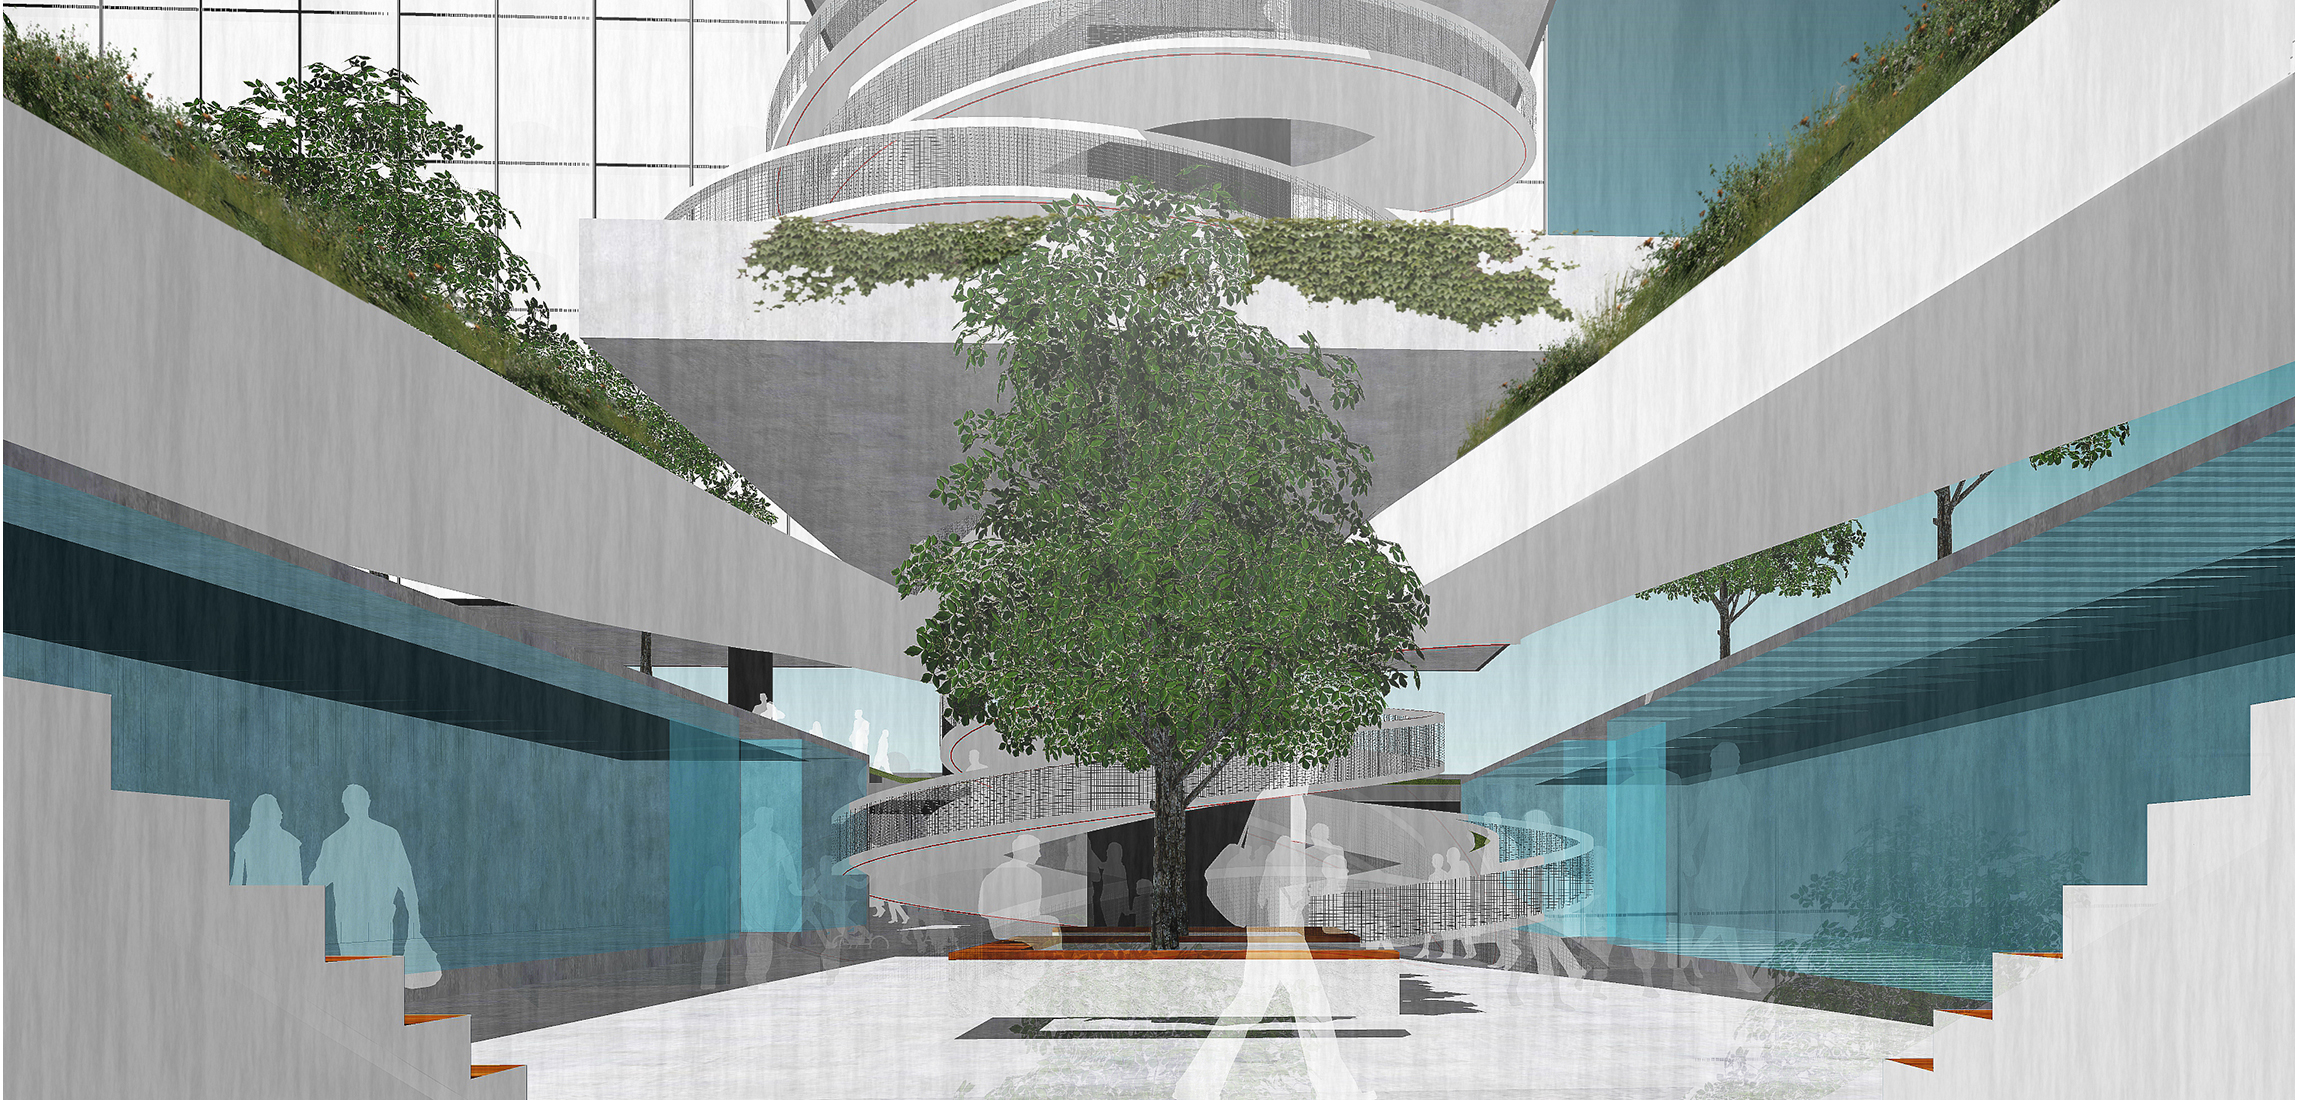 warp architects_halo (5).jpg